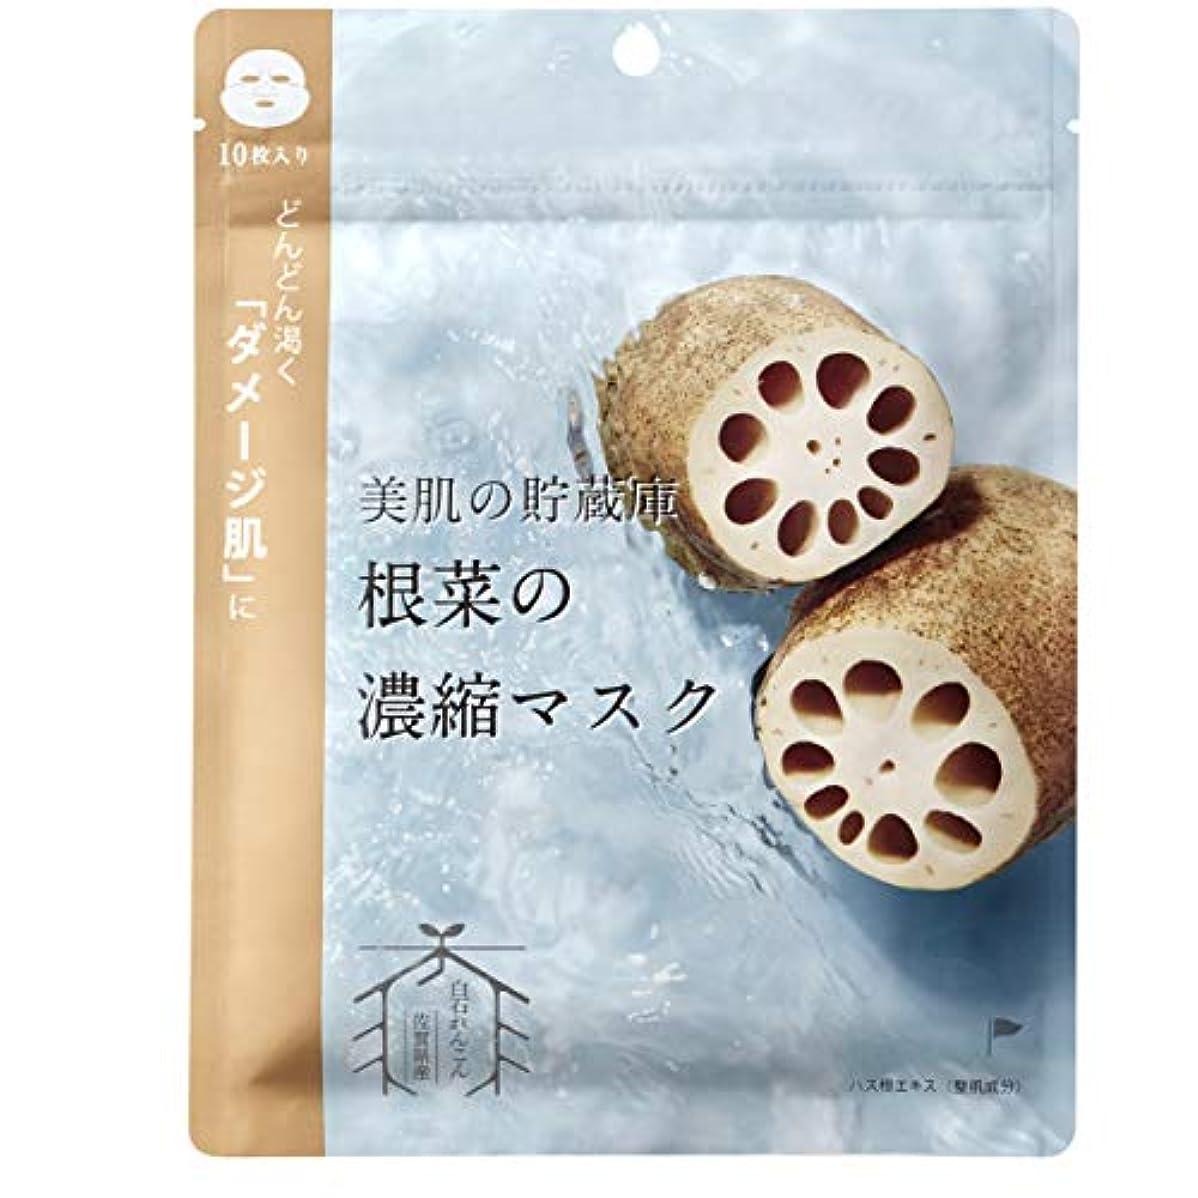 腐敗した思いつく手@cosme nippon 美肌の貯蔵庫 根菜の濃縮マスク 白石れんこん 10枚入 160ml